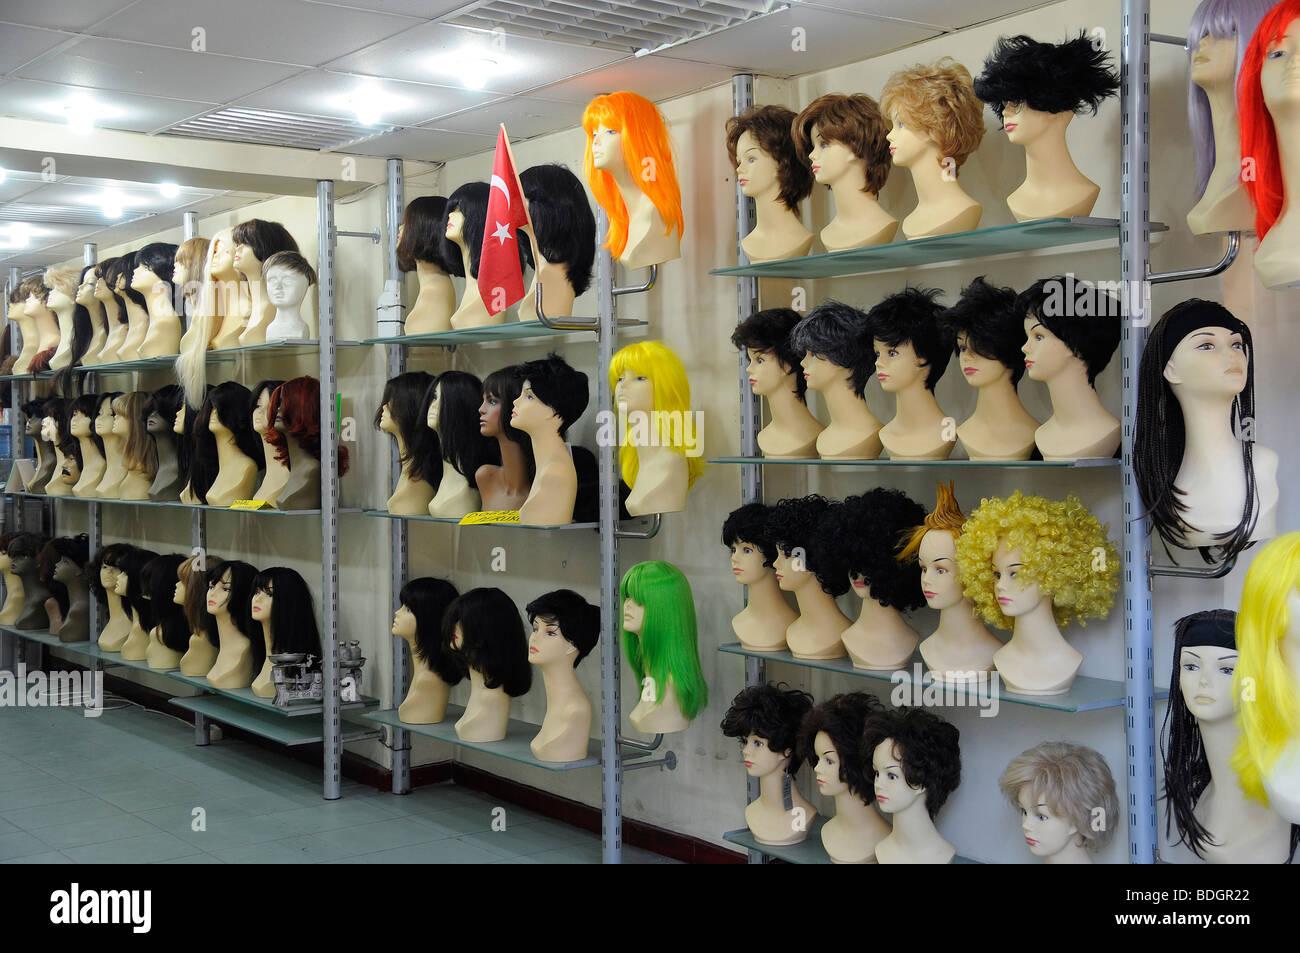 En Turquie il est interdit de porter le foulard dans les universités, c'est pourquoi certains élèves Photo Stock